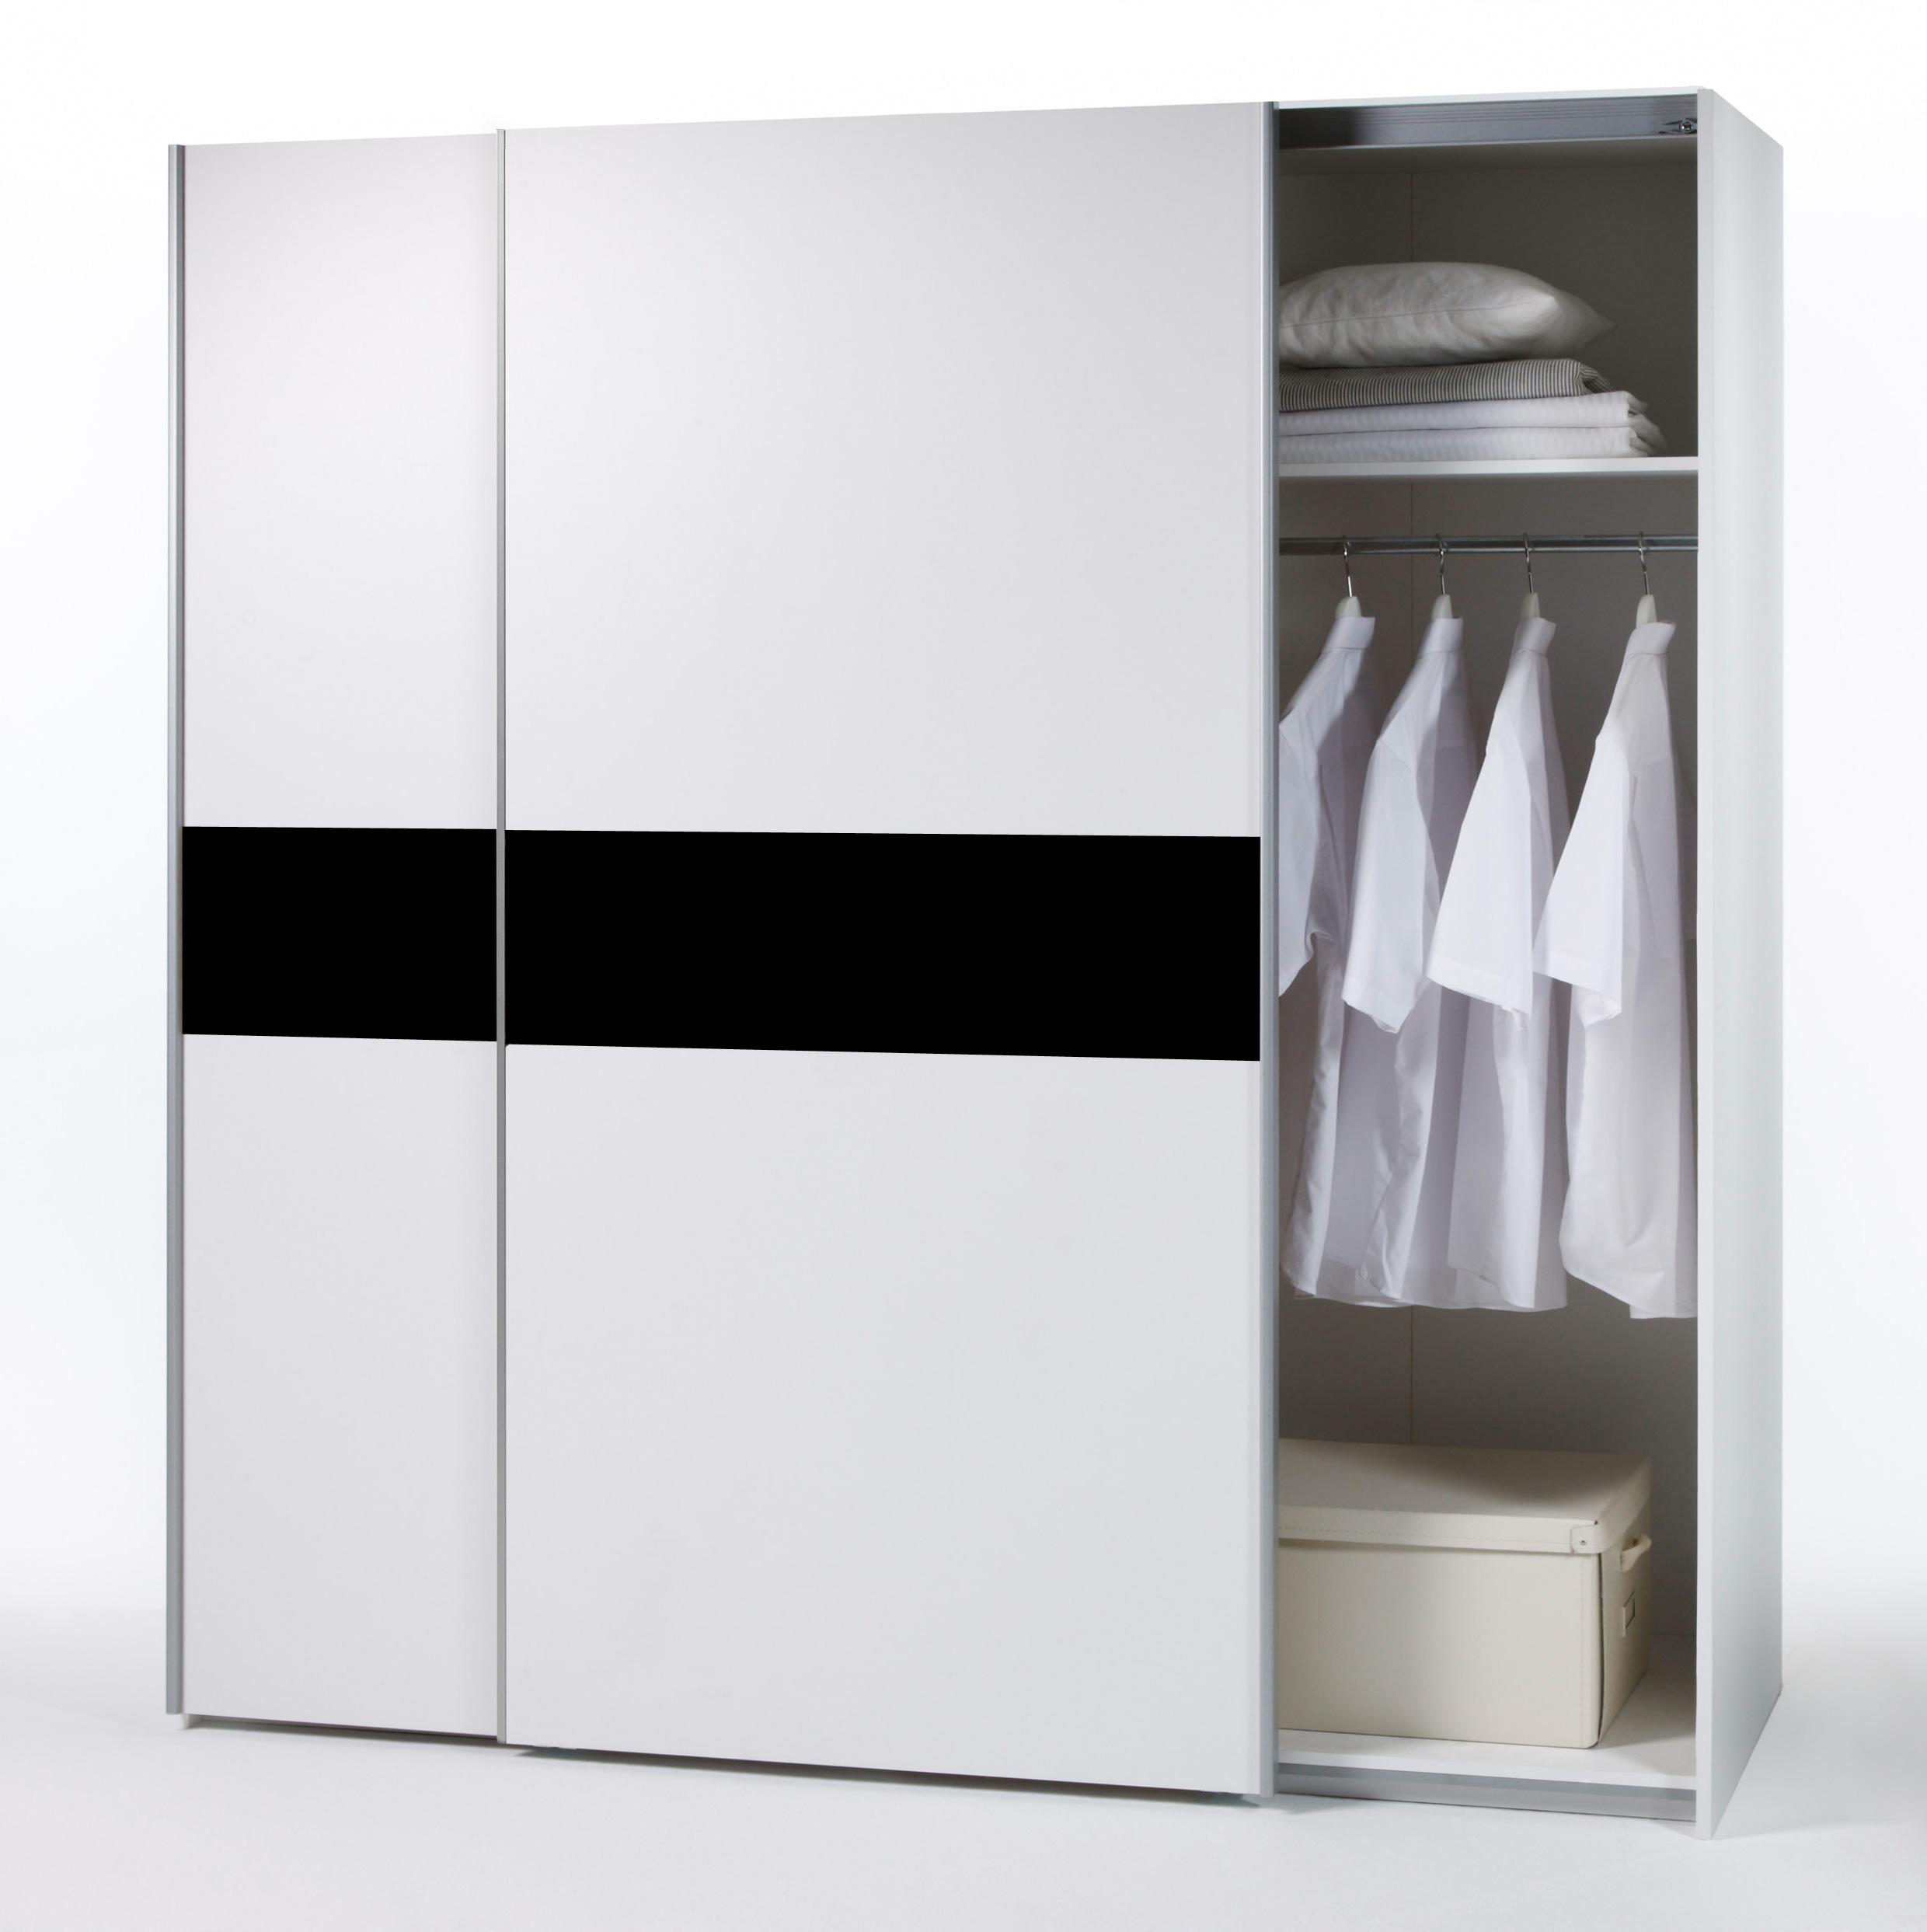 schwebet renschrank victor kleiderschrank wei schwarz sonoma eiche auswahl ebay. Black Bedroom Furniture Sets. Home Design Ideas